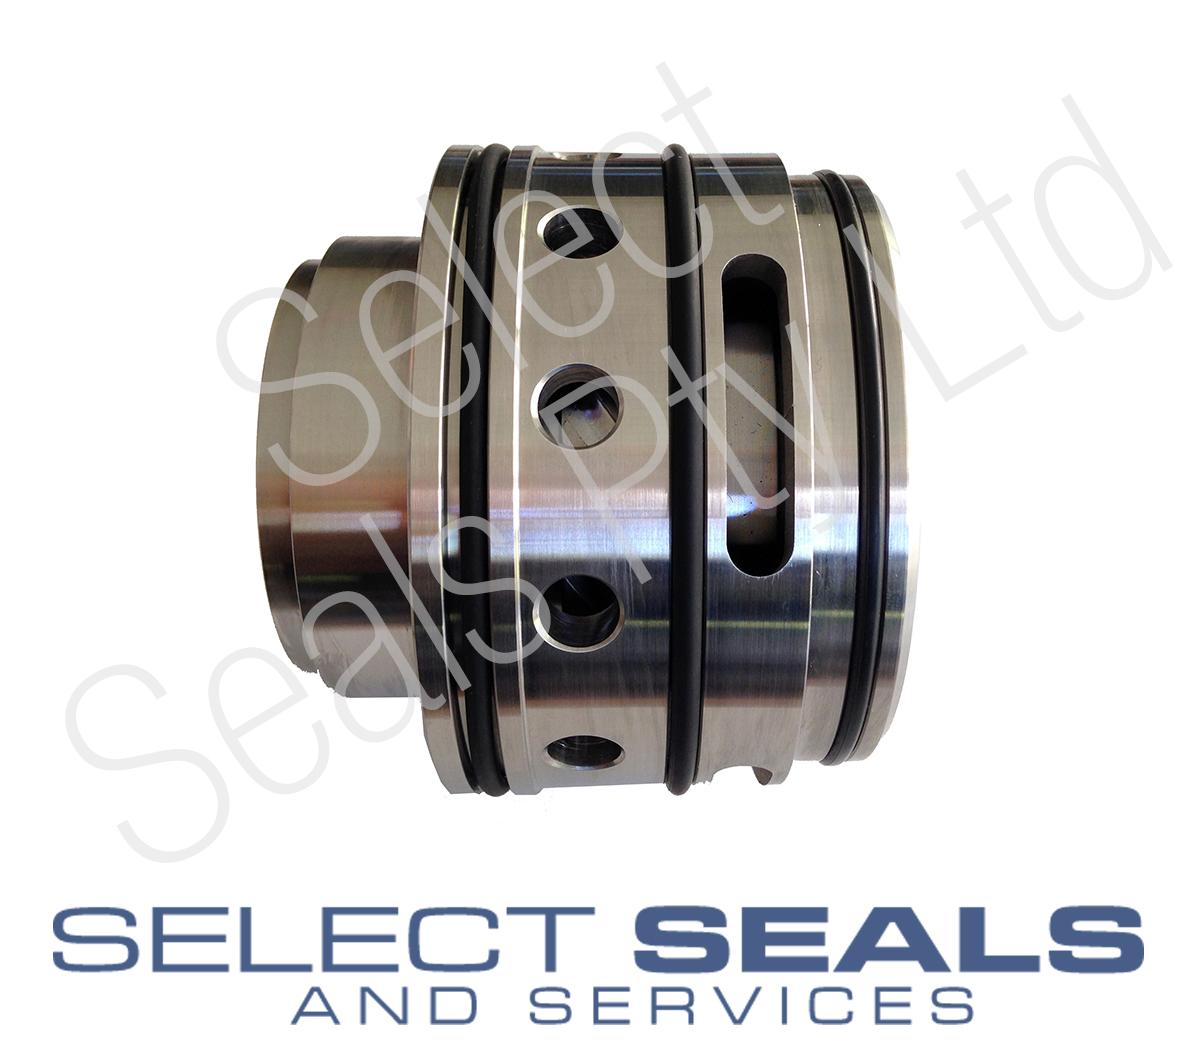 Flygt Xylem Pump- Mixer Mechanical Seal 3171, 4650, 4660